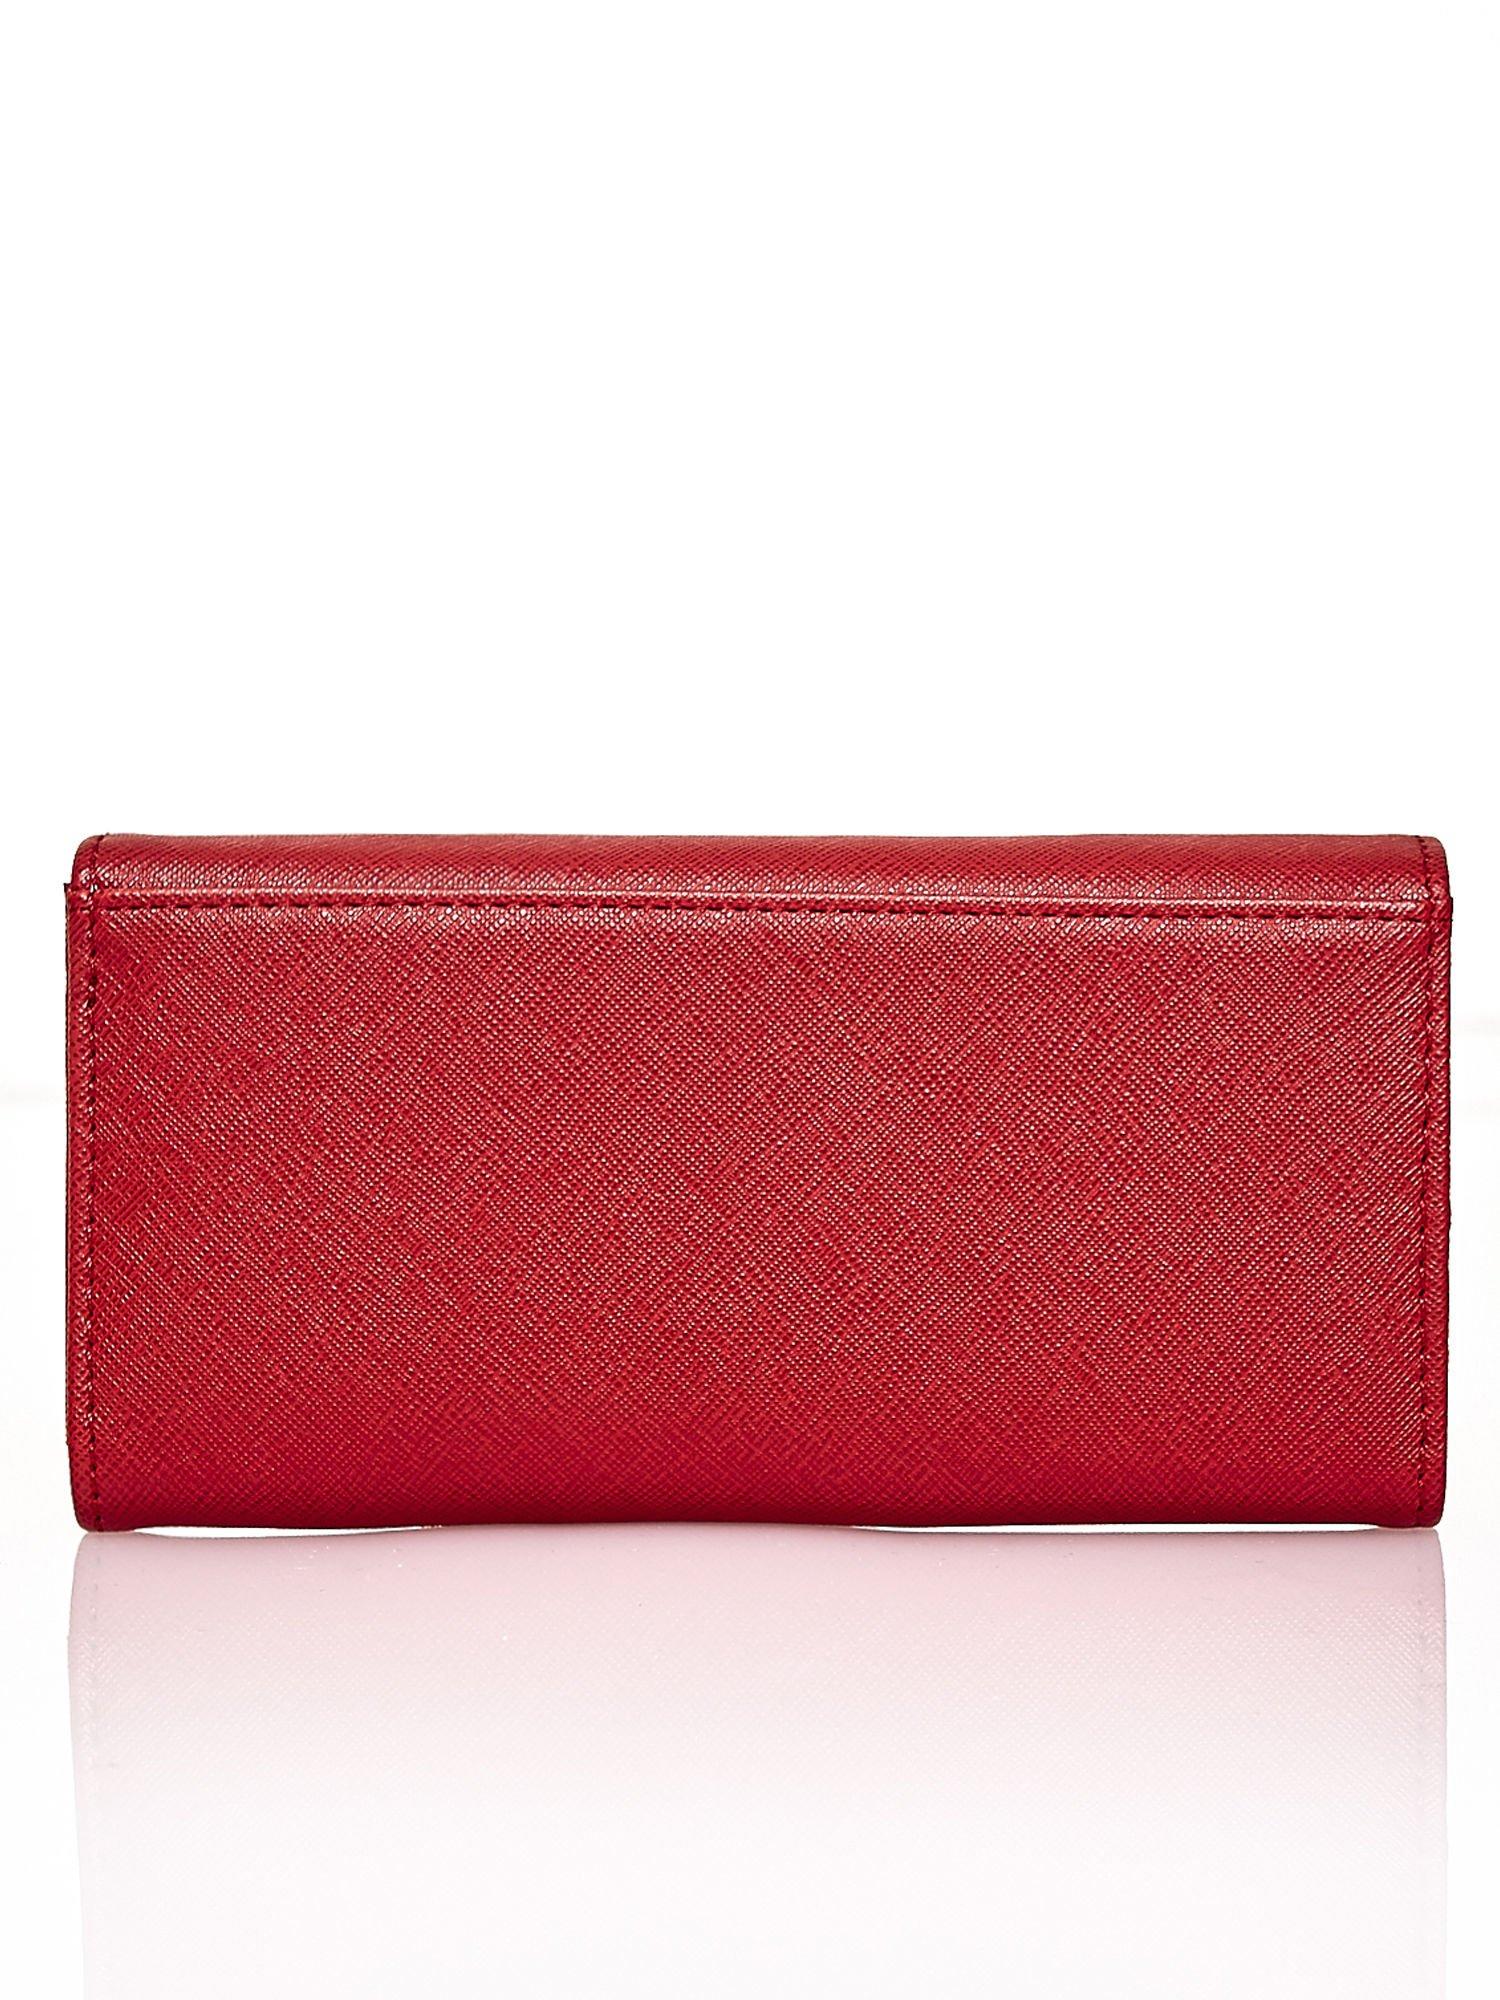 Czerwony portfel z białym wykończeniem                                  zdj.                                  2